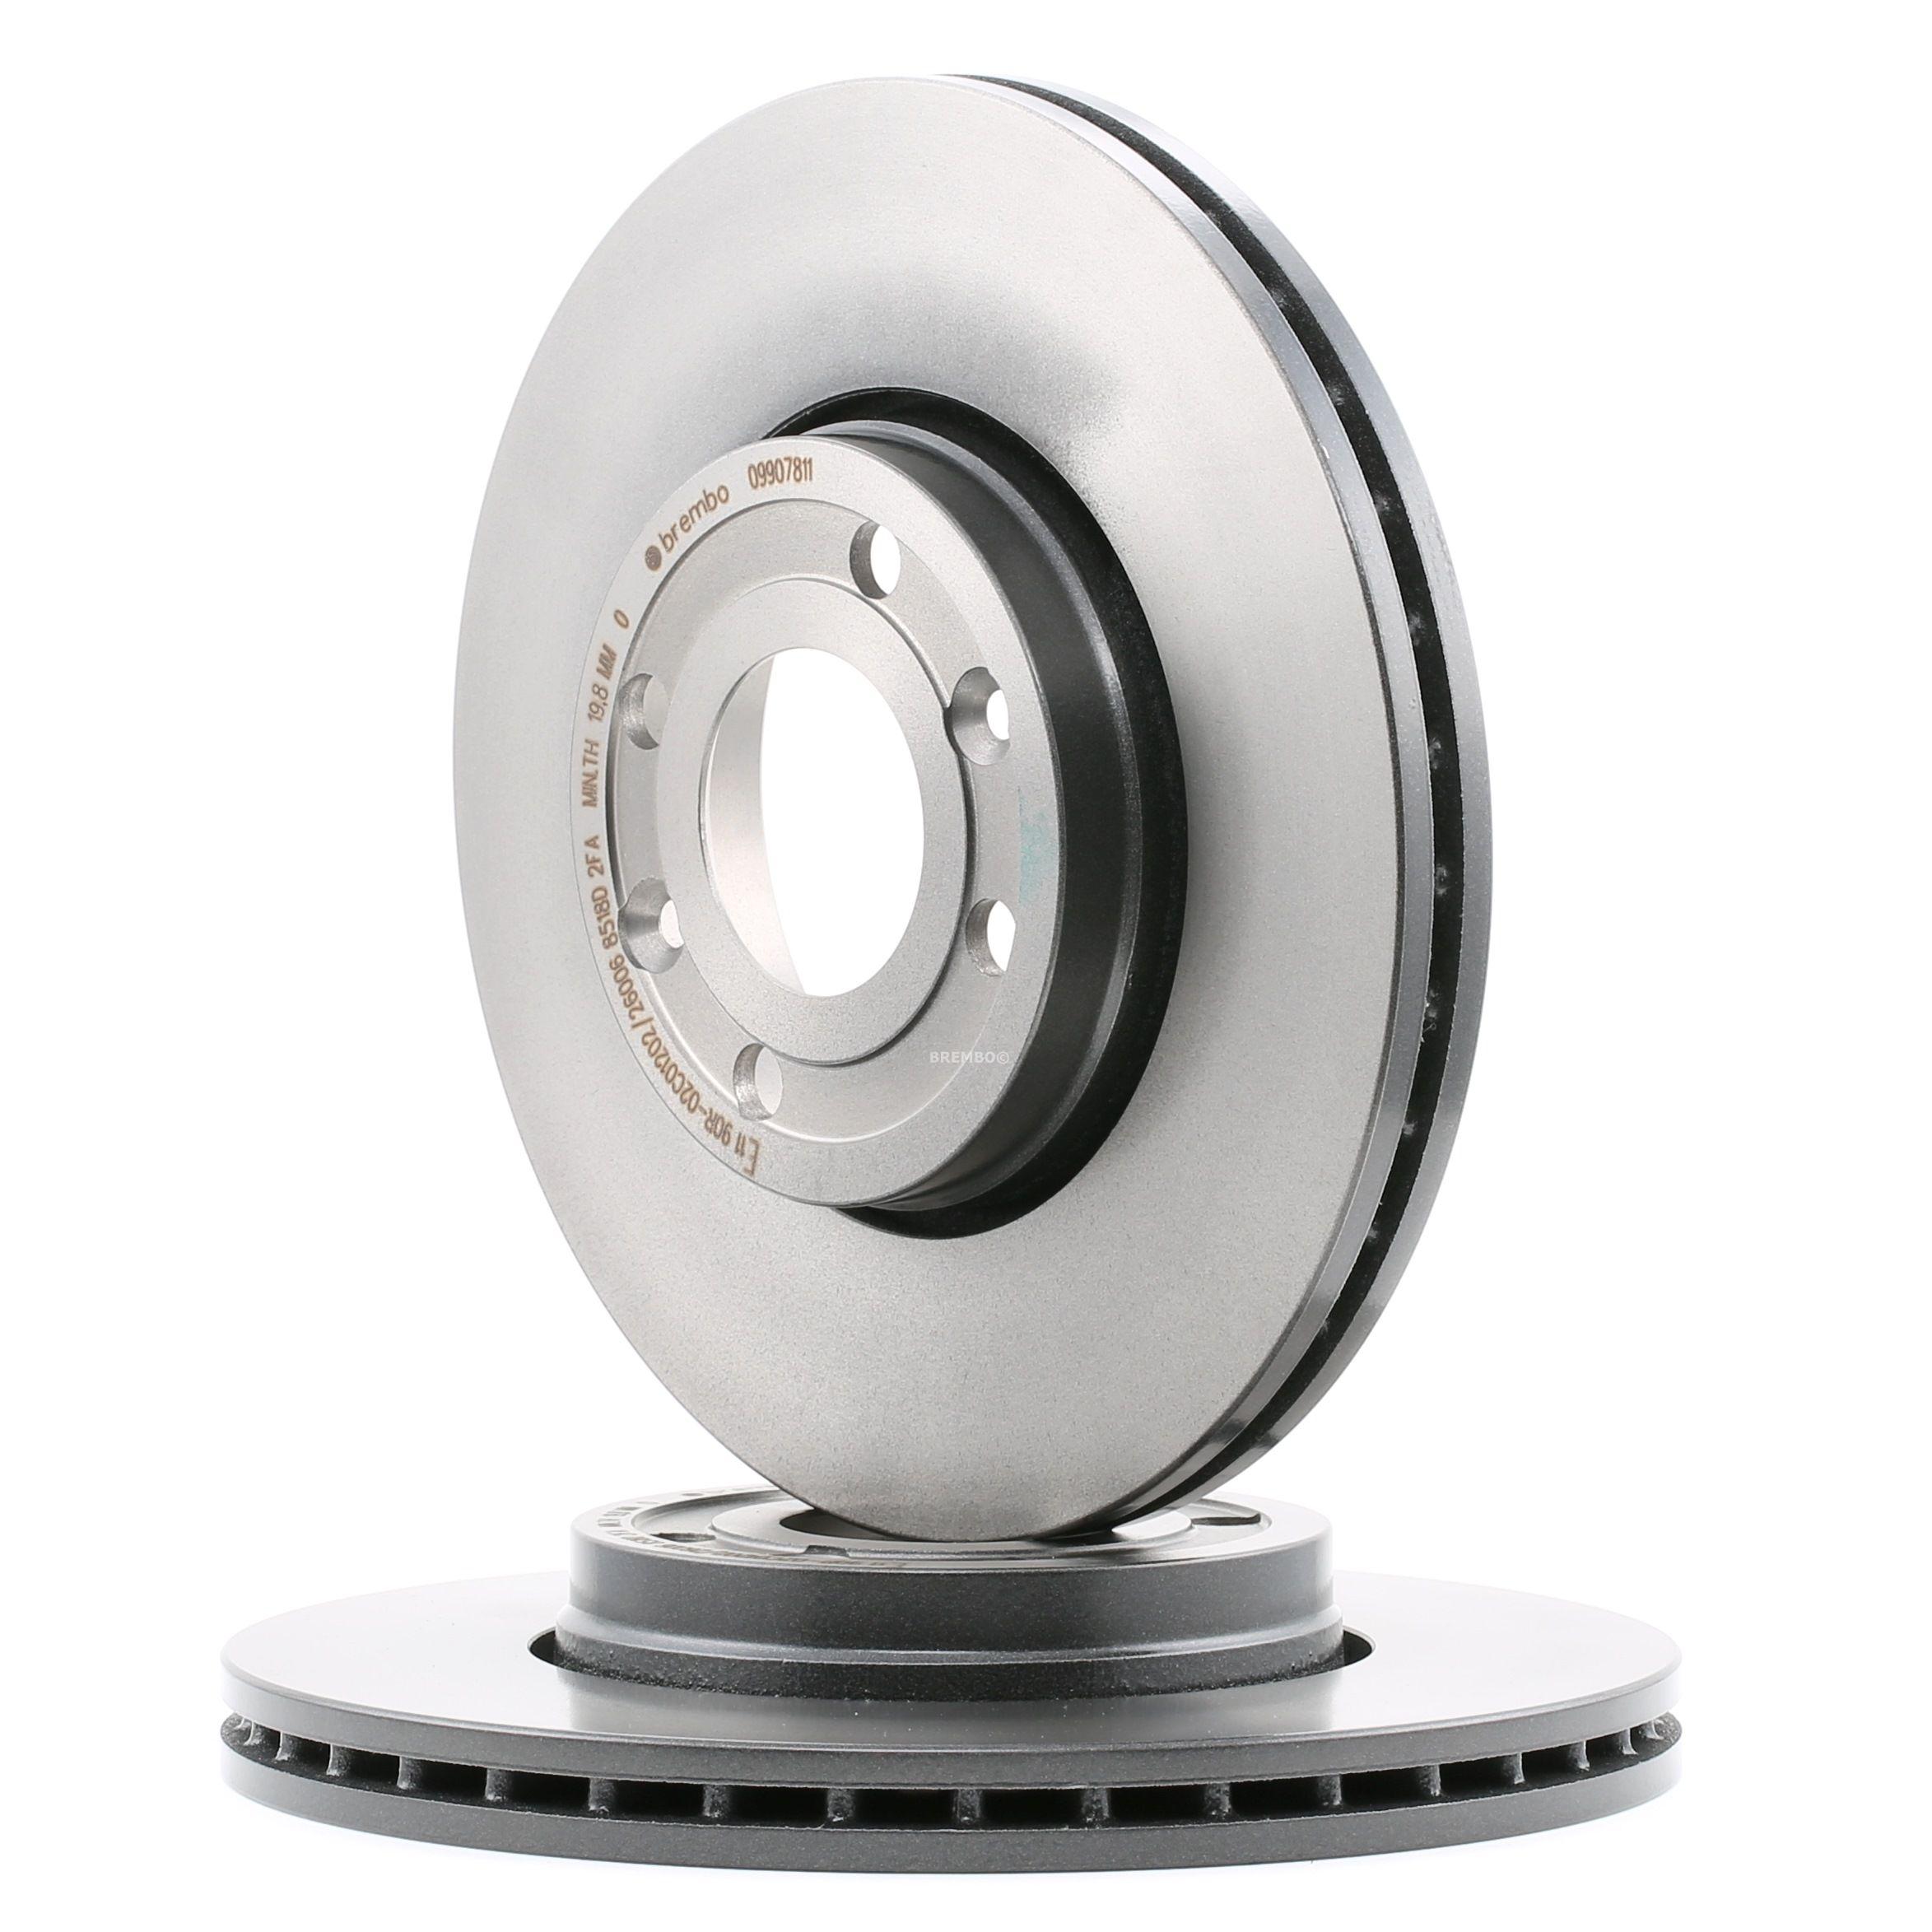 Stabdžių diskas Renault Megane 2 m. 2006 09.9078.11